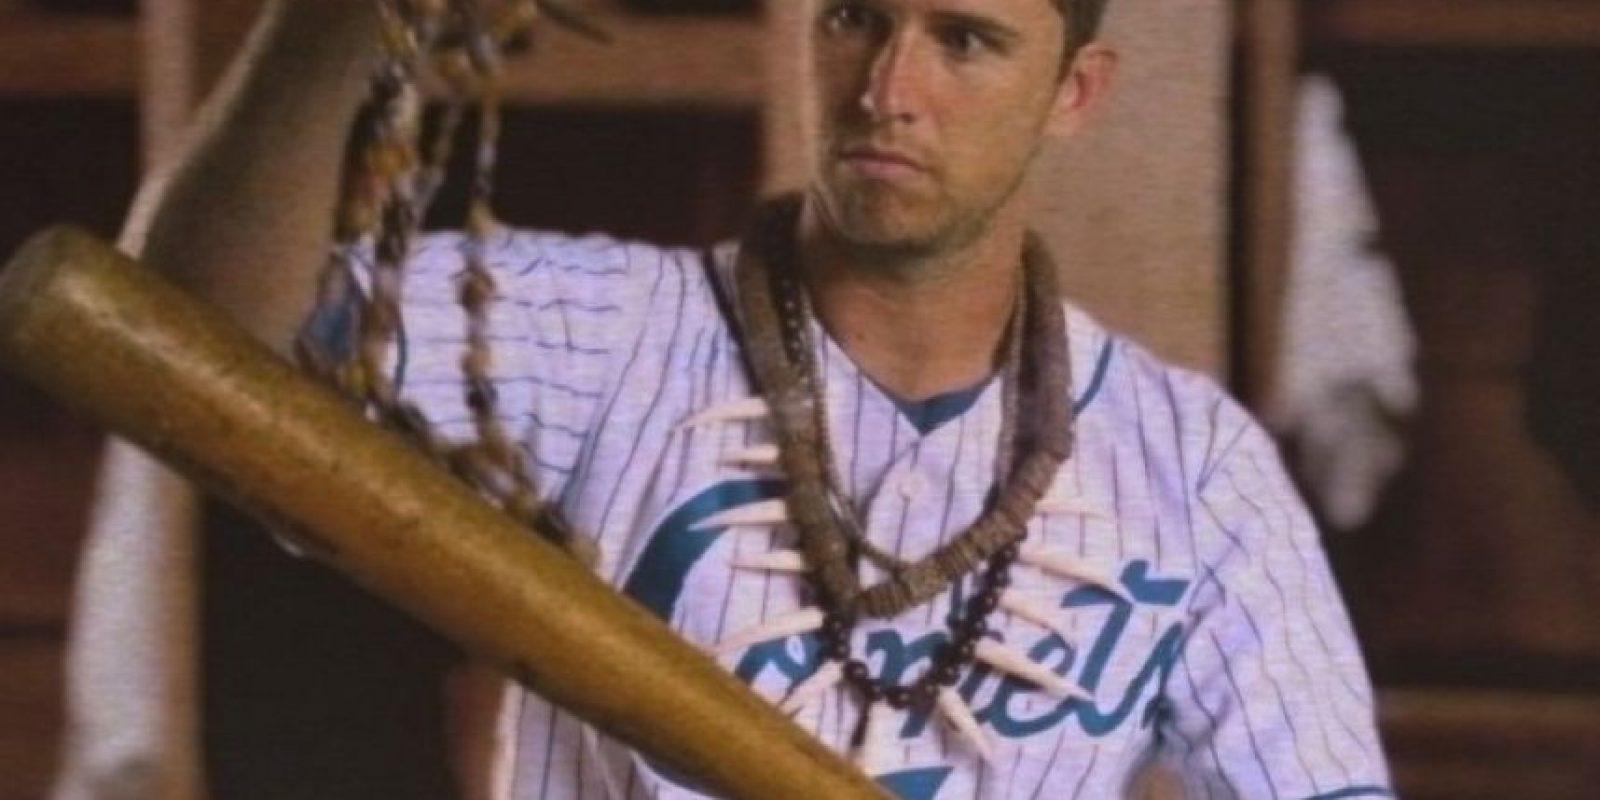 El catcher de los Gigantes de San Francisco, campeones vigentes de las Grandes Ligas, es un guapo norteamericano de 28 años: Buster Posey. Foto:Vía instagram.com/busterposey